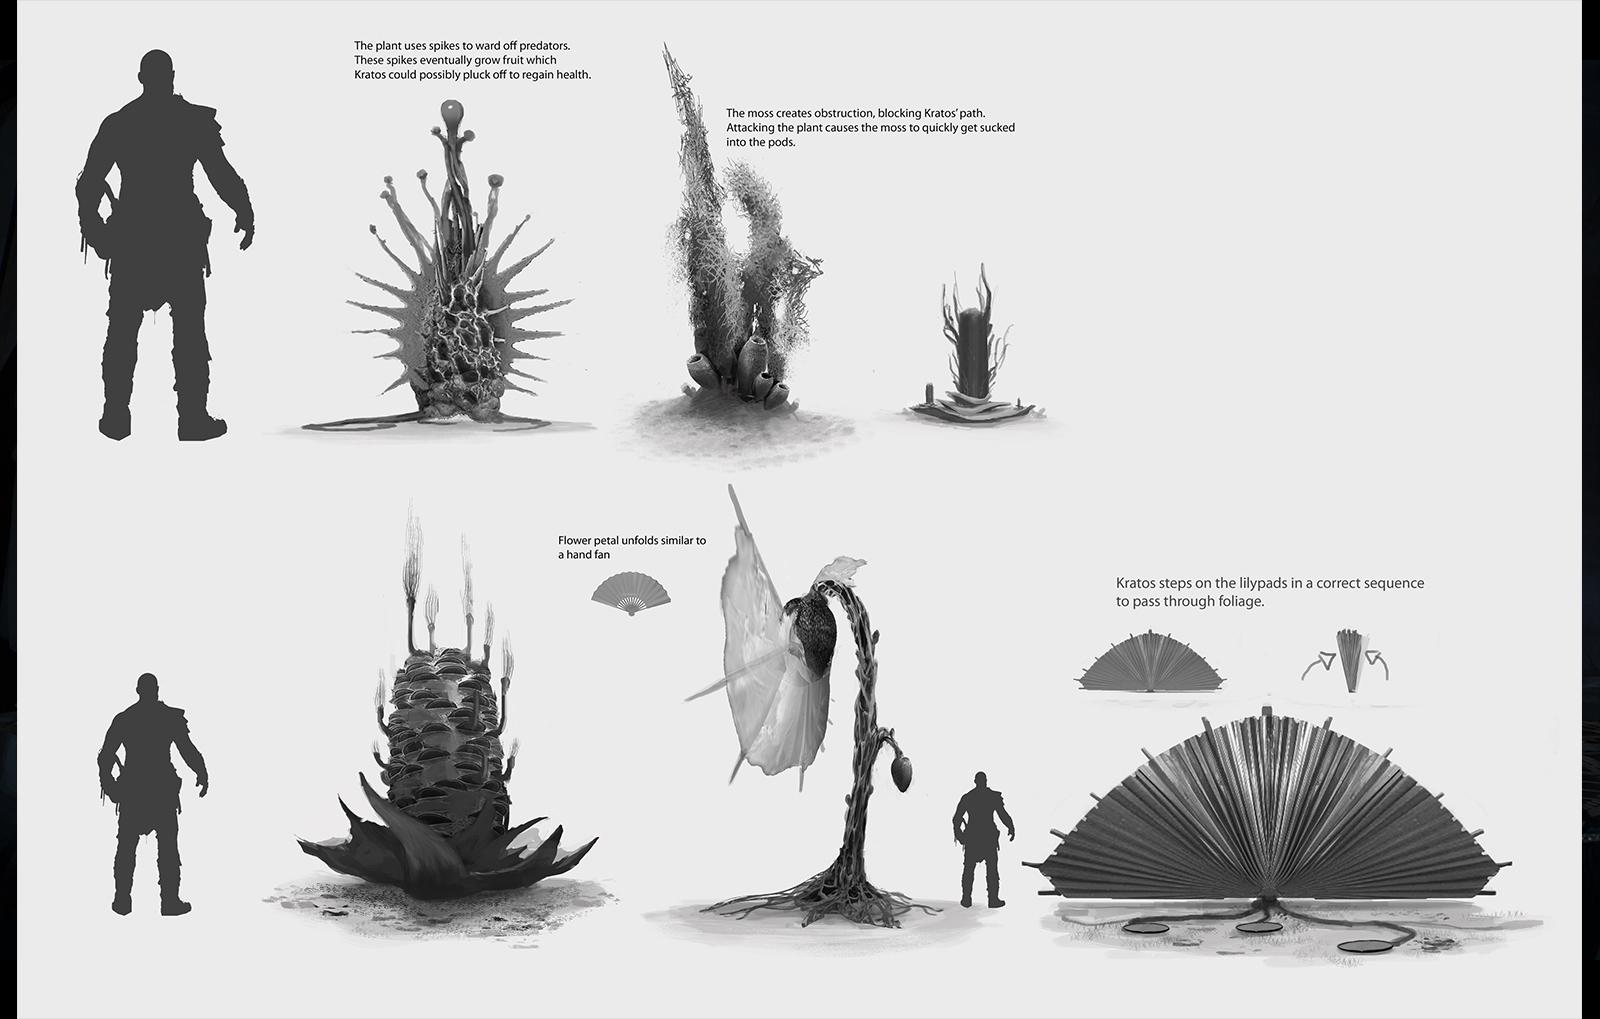 Concept Art de algumas partes dos cenários.